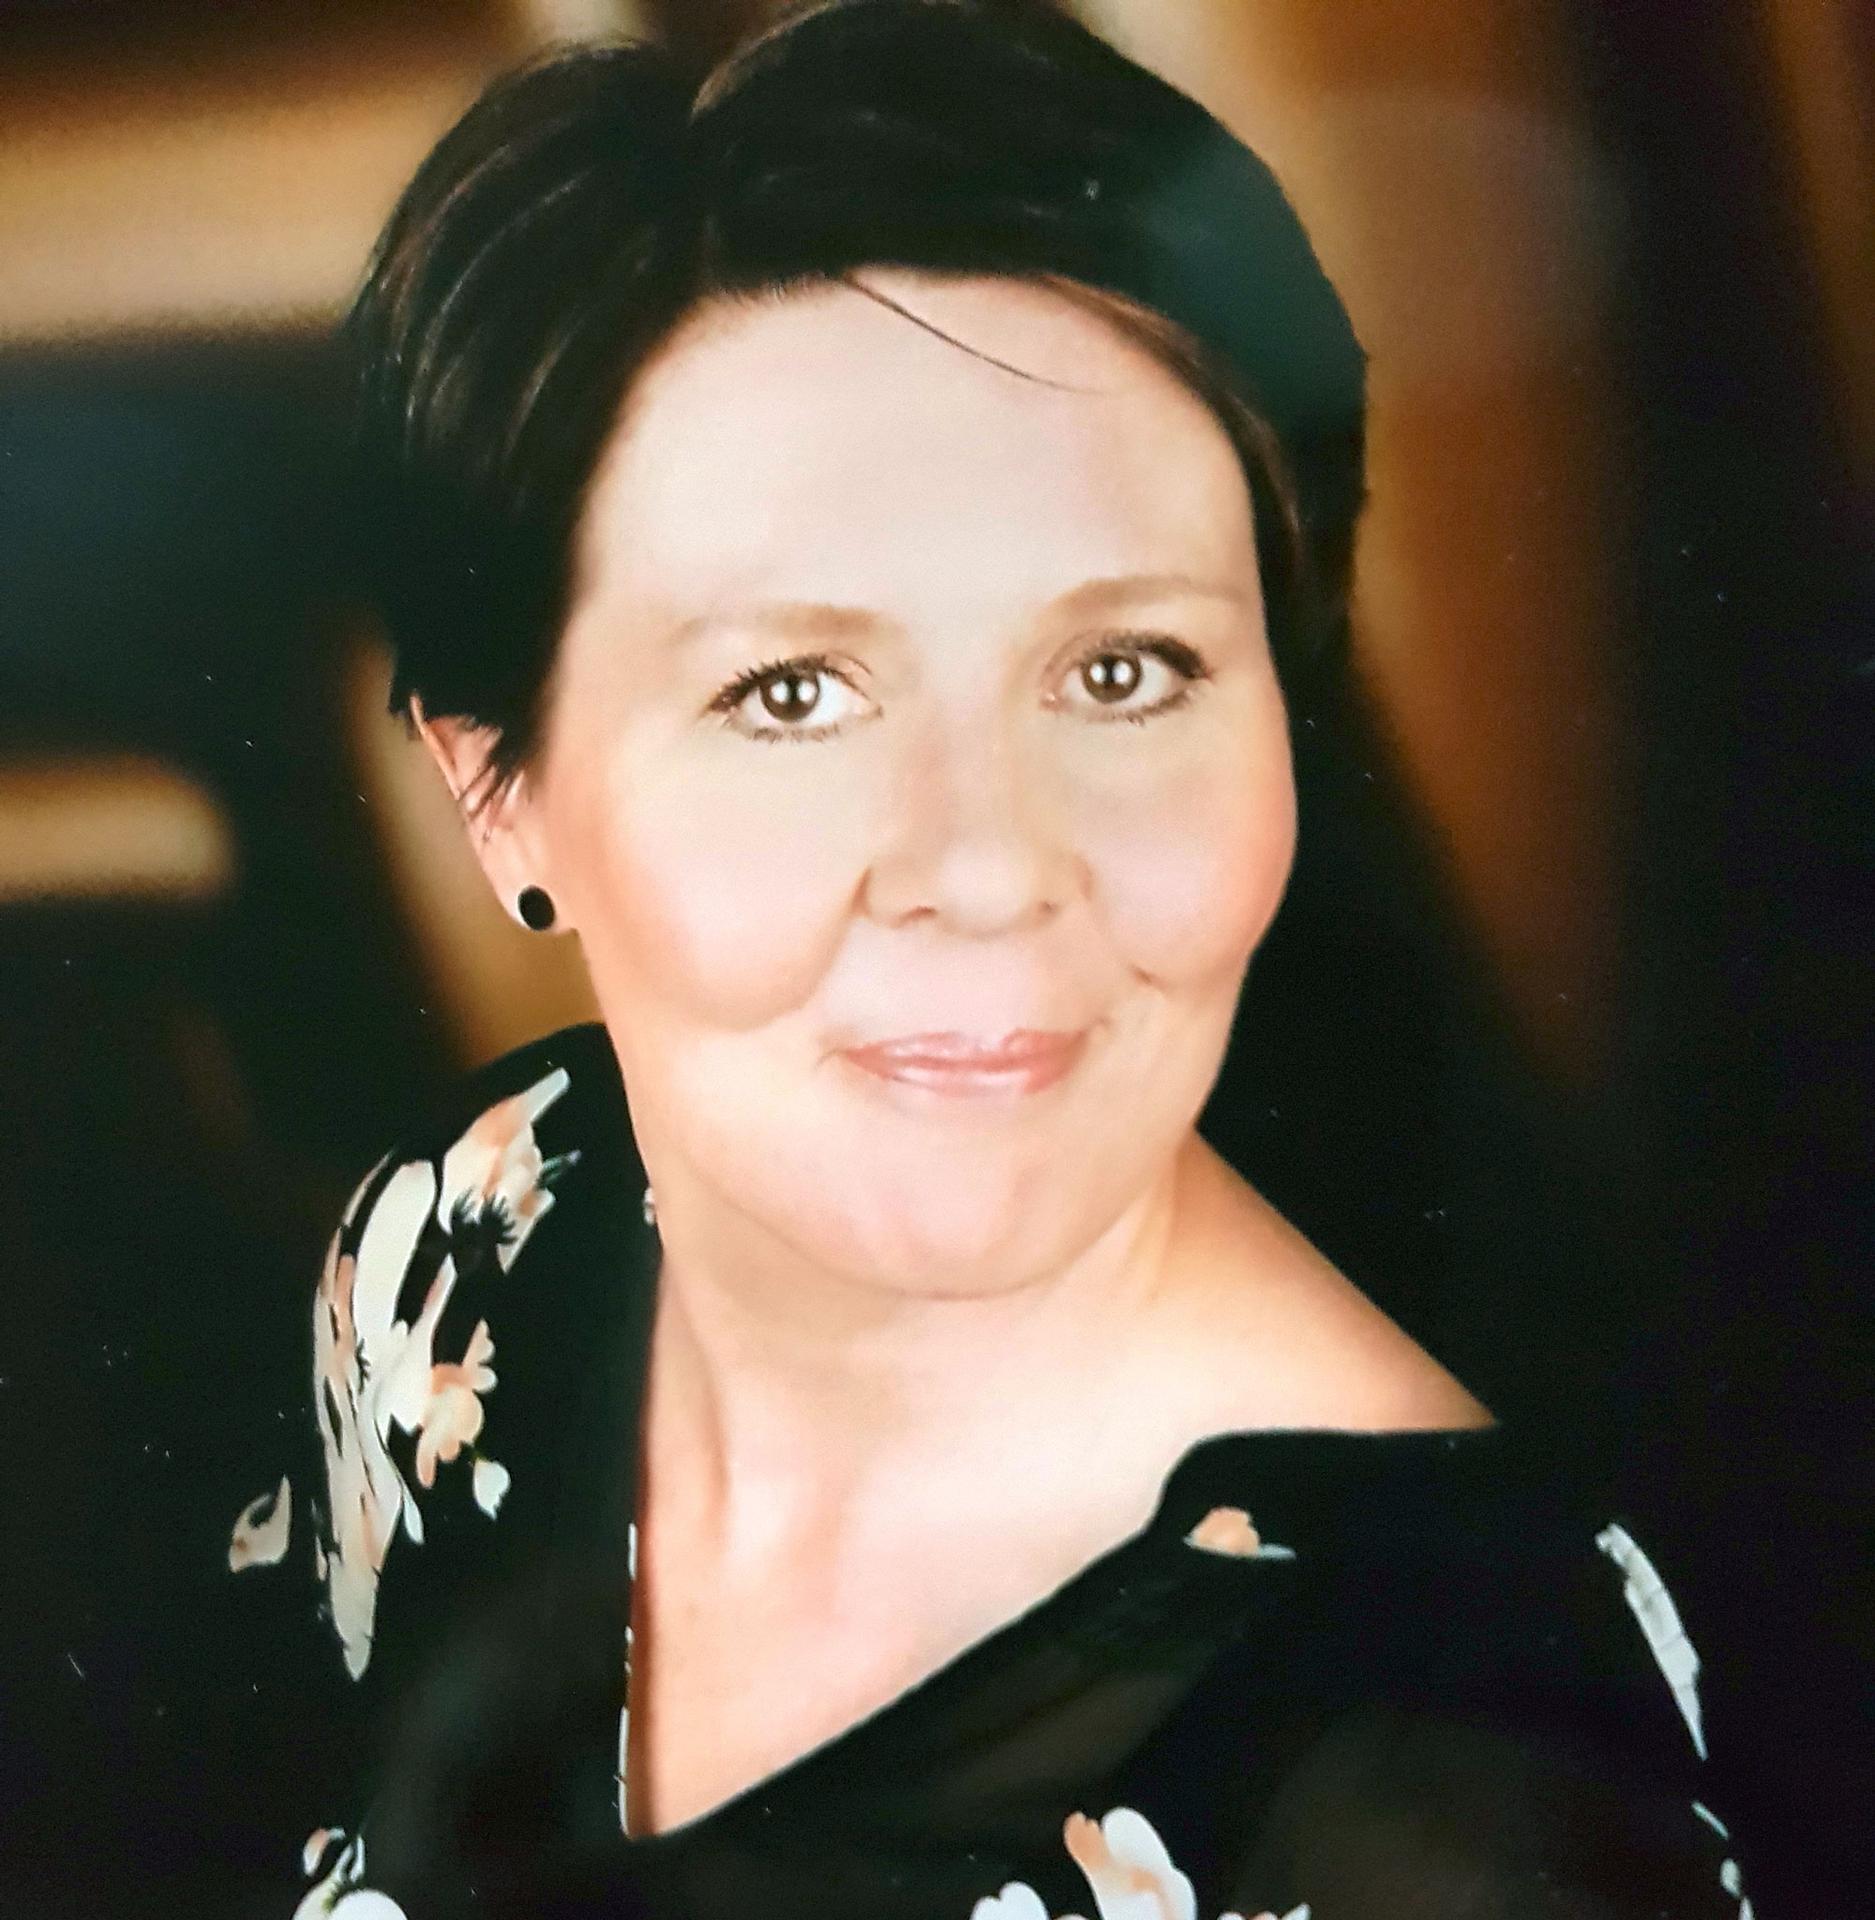 Kangasalla asuva Marjo Vesa on valittu Kangasalan uudeksi varhaiskasvatuksen johtajaksi.